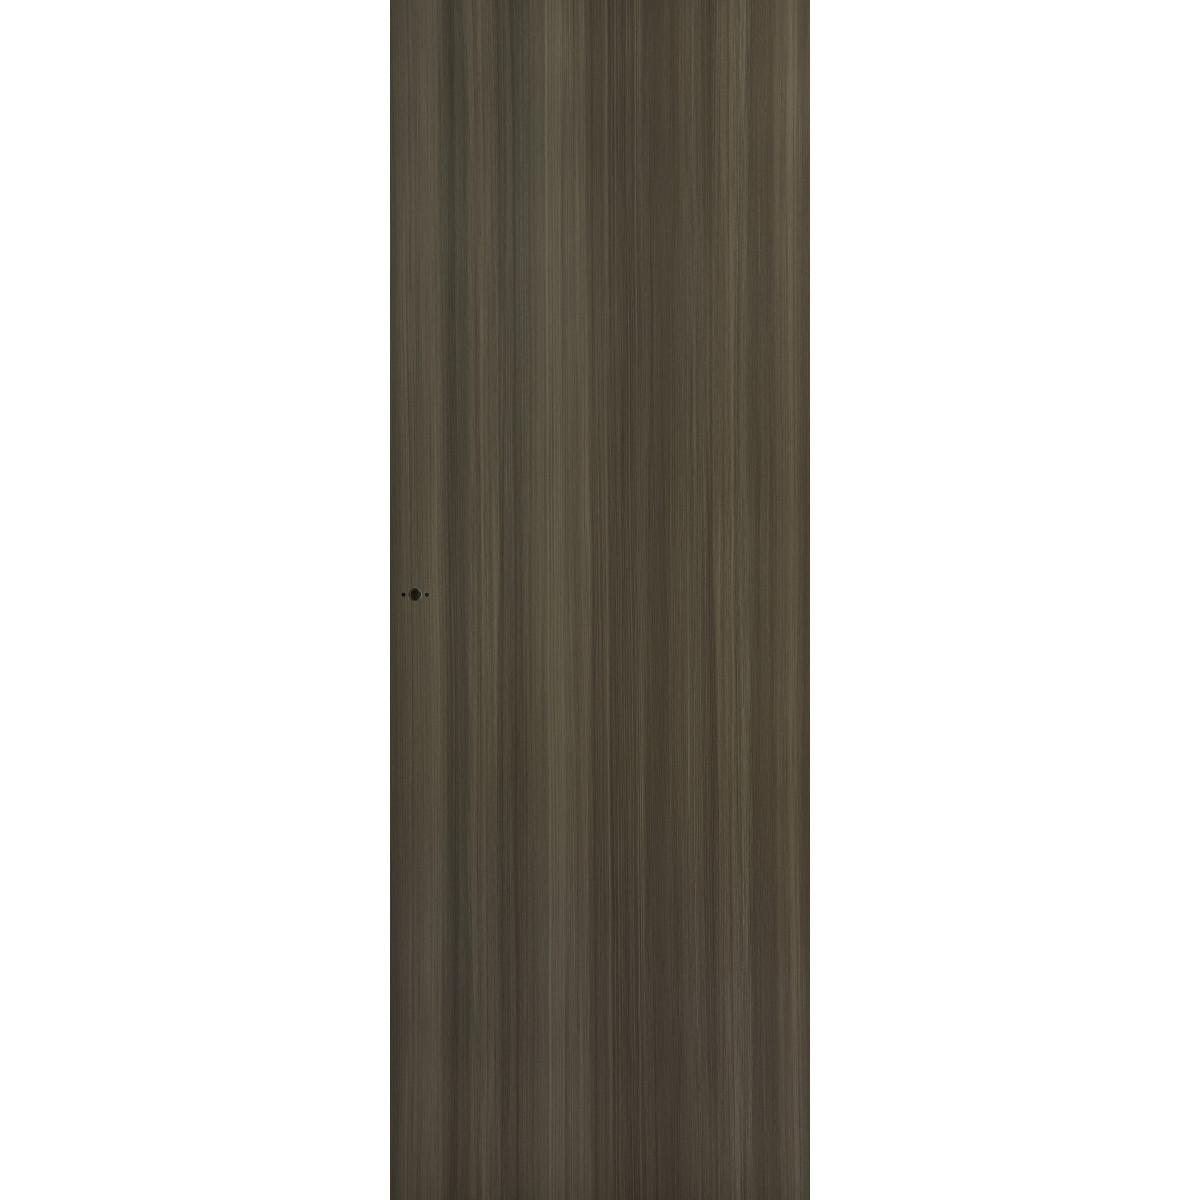 Дверь Межкомнатная Глухая Селена 200x80 Цвет Сандал